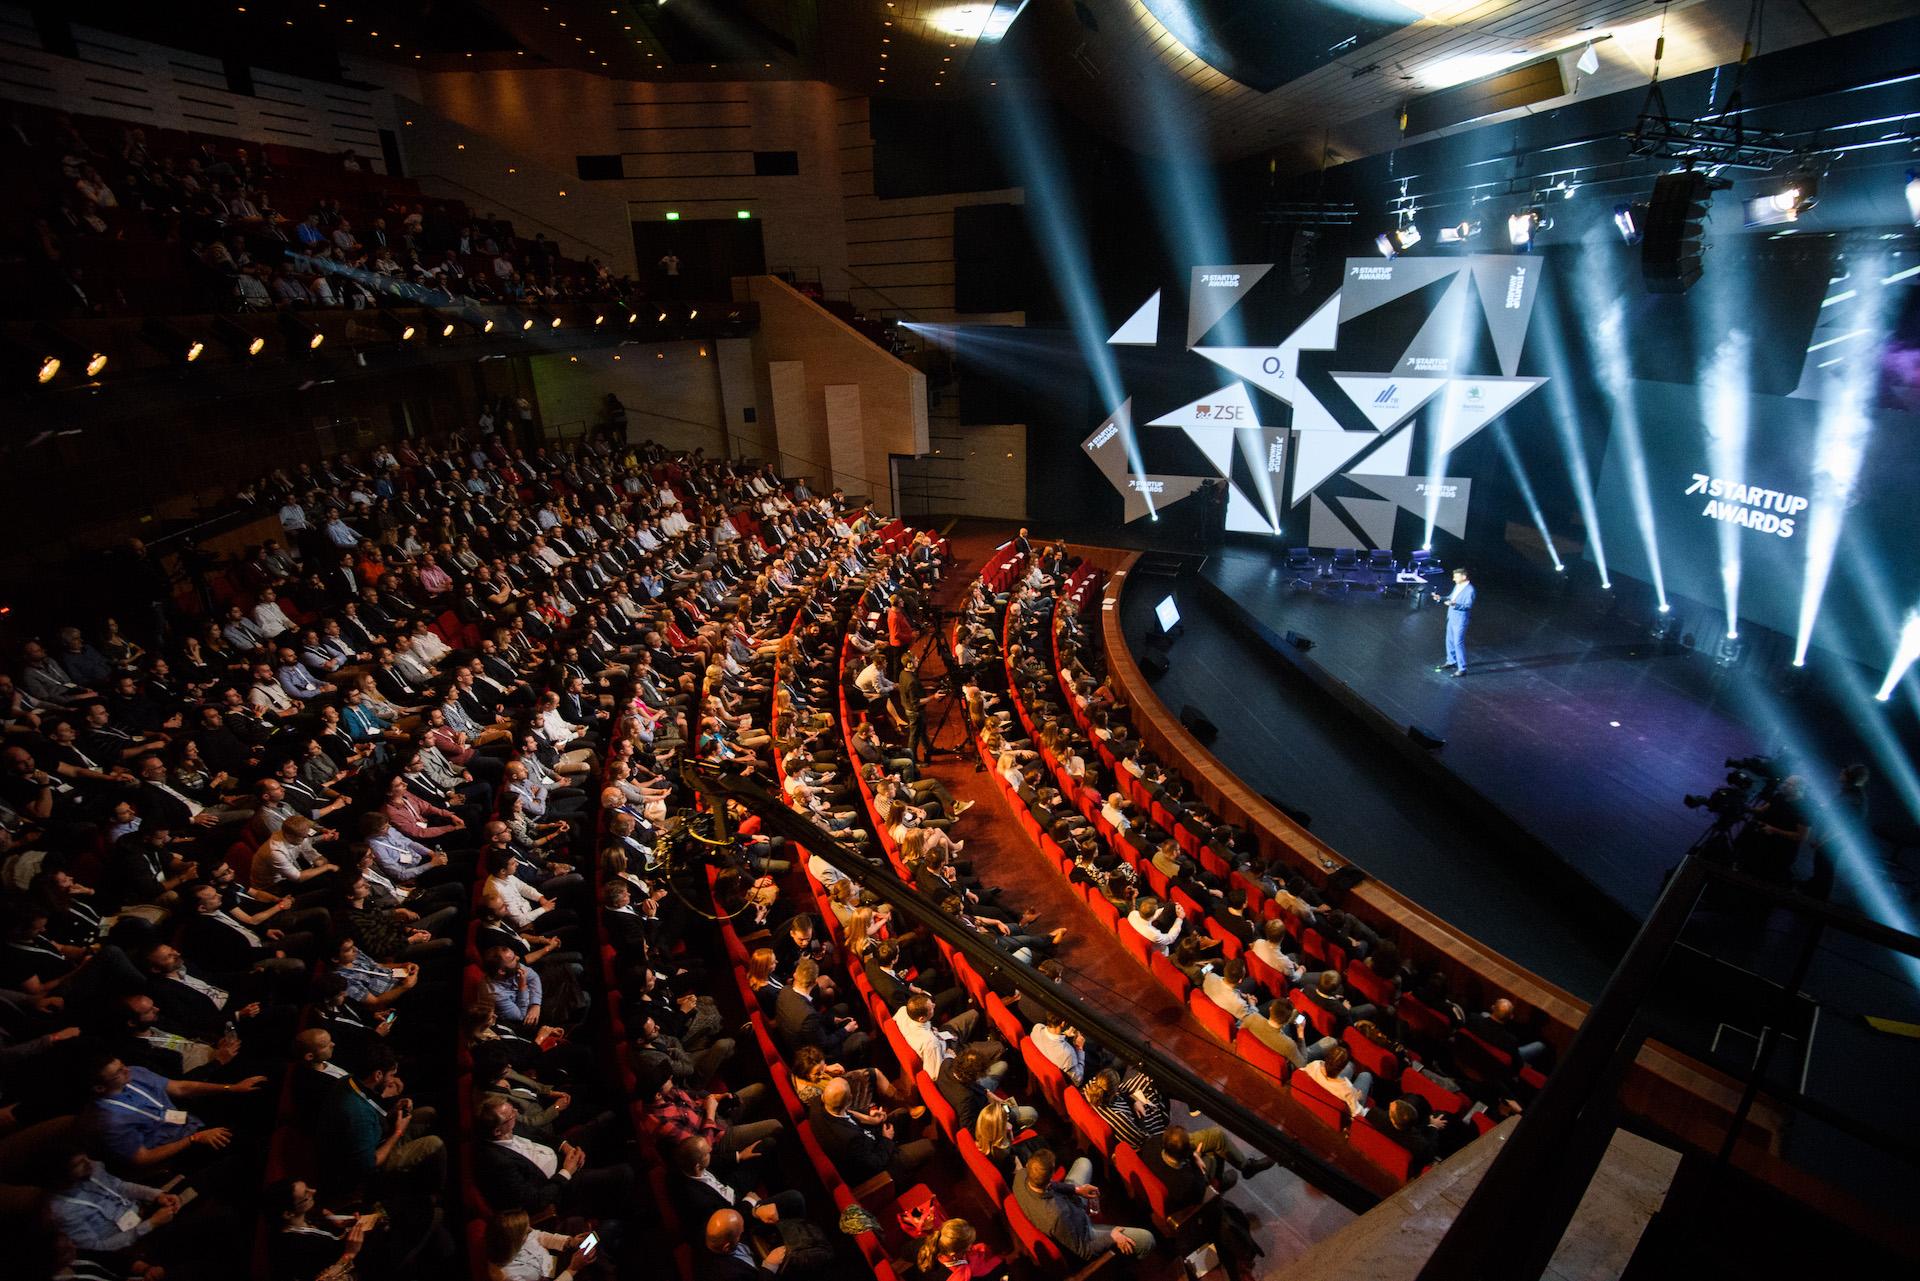 Letos na konferenci FutureNow vystoupí dvě desítky spíkrů z celého světa